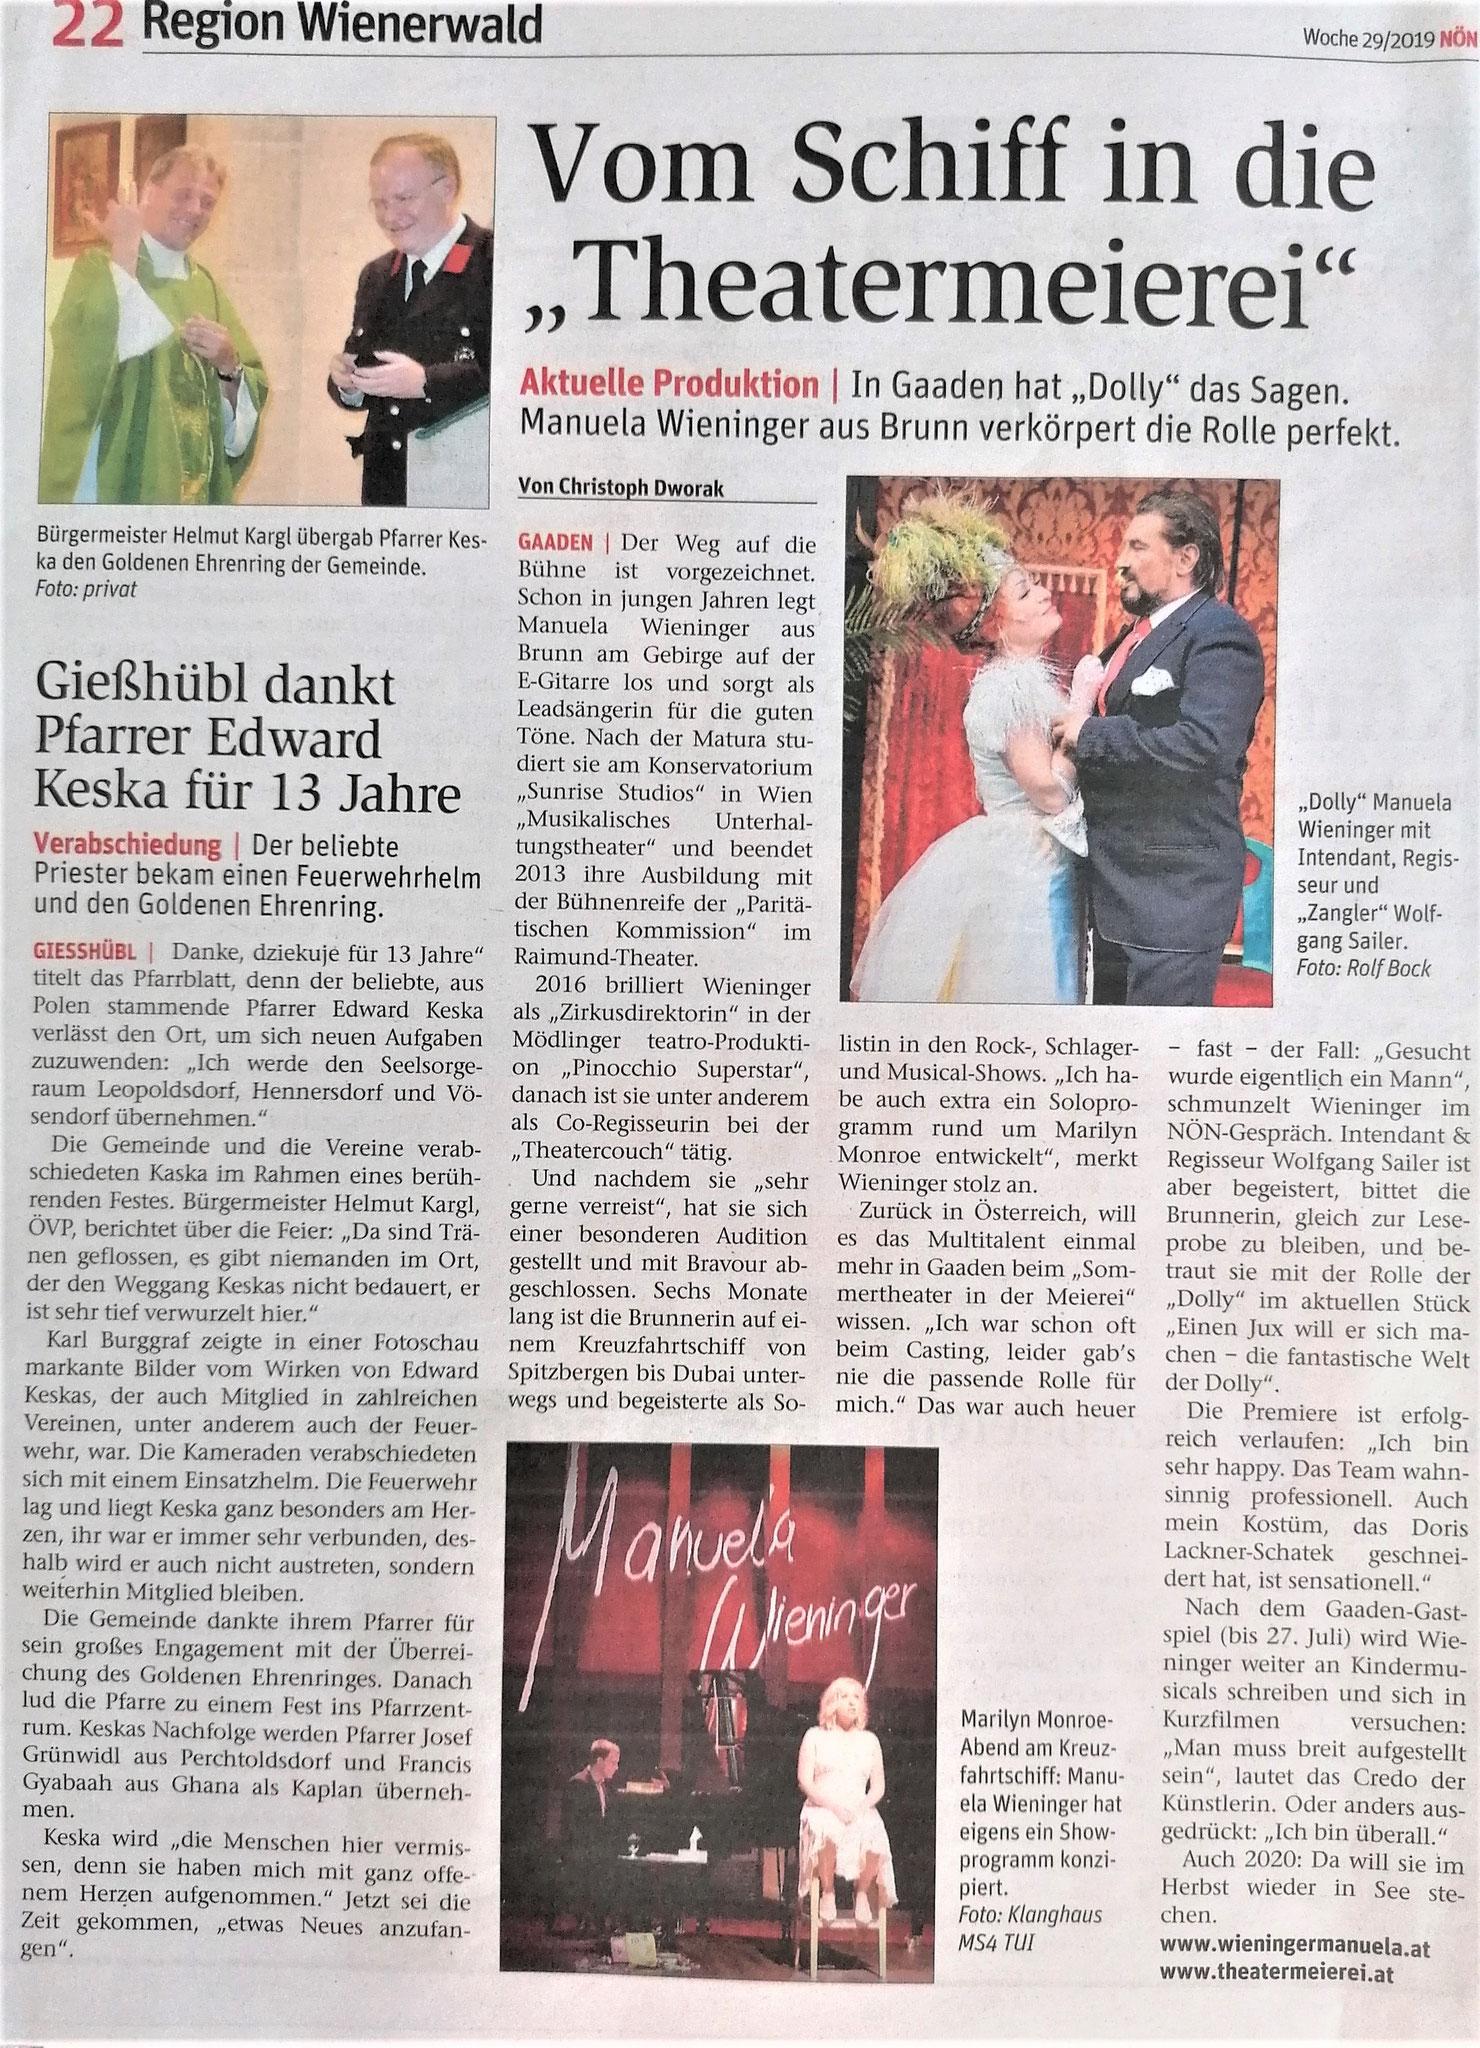 Niederösterreichische Nachrichten, Sommer 2019, Theatermeierei Gaaden